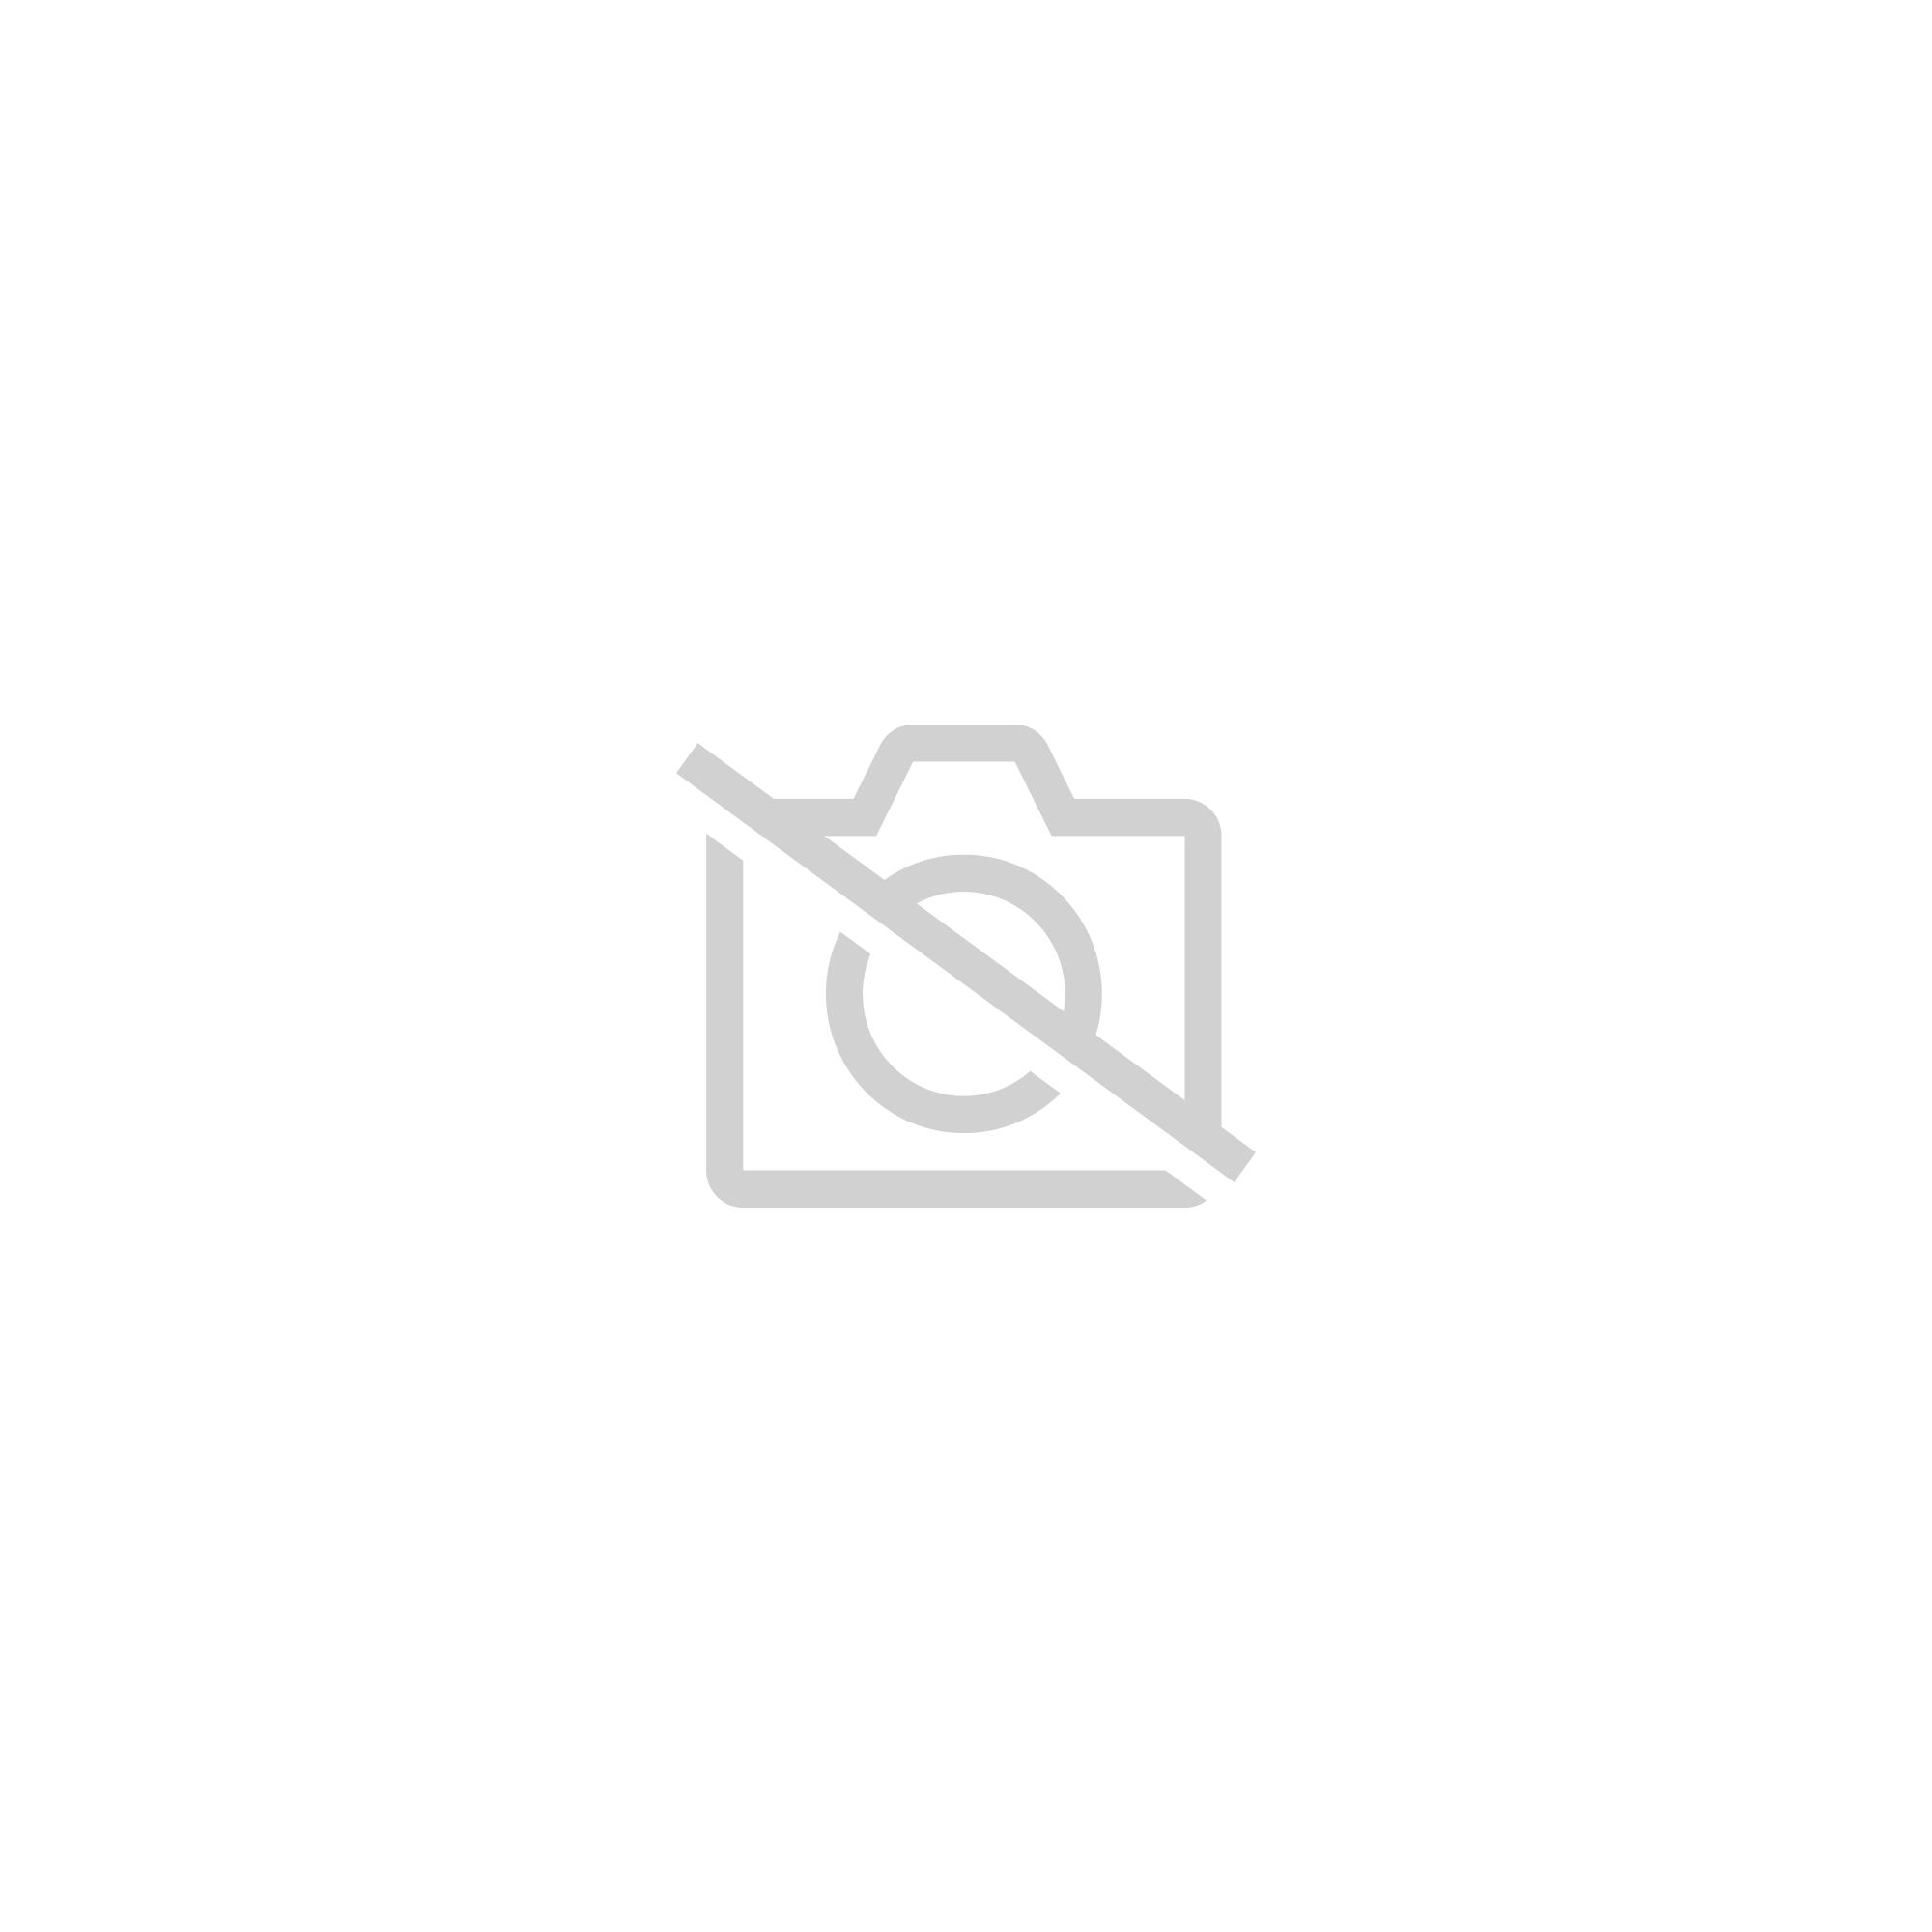 Bracelet Apple Watch 38mm Silicone Souple Bracelet De Remplacement Pour Iwatch Série 3/2/1 Motif Rayures - Noir Et Gris